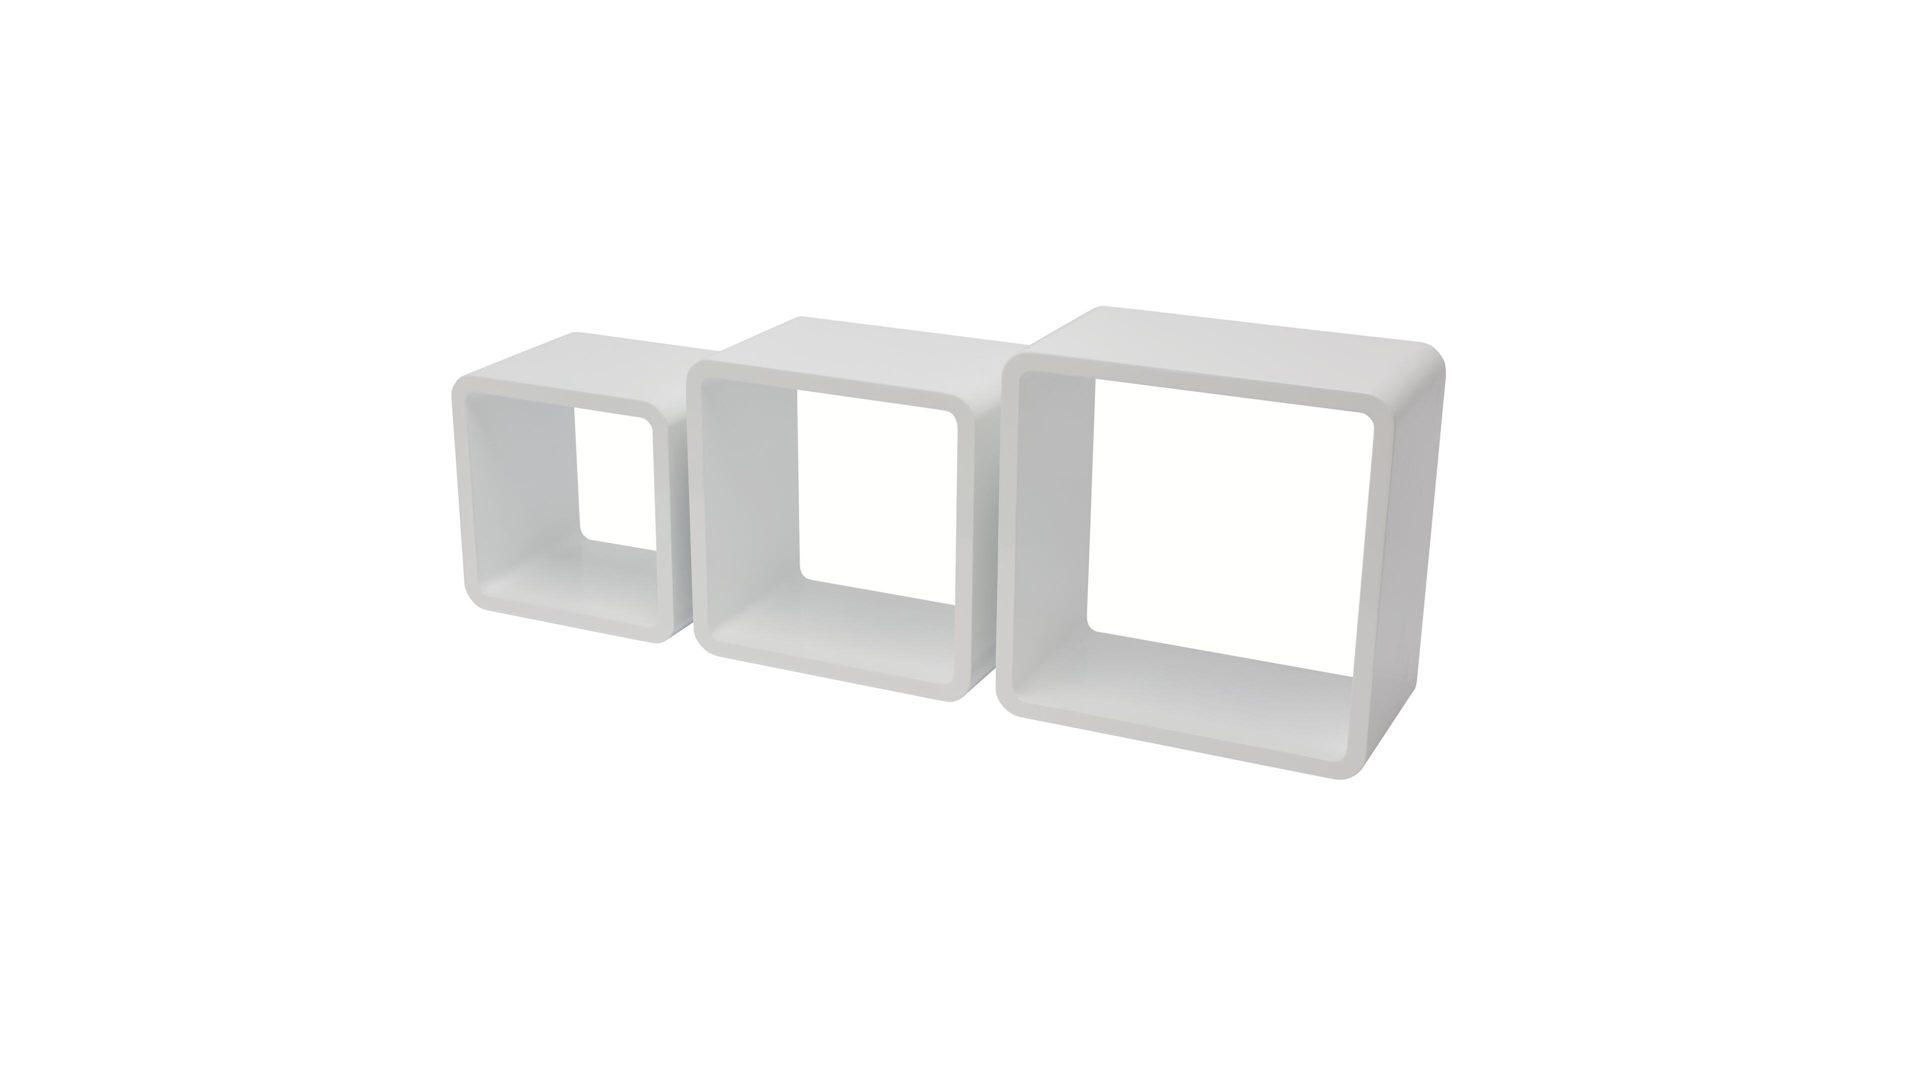 Möbel Bohn Crailsheim, Räume, Wohnzimmer, Regale + Raumteiler, Quadratisches,  Quadratisches Regal Set Als Wohnzimmermöbel, Weiß Lackierte ...